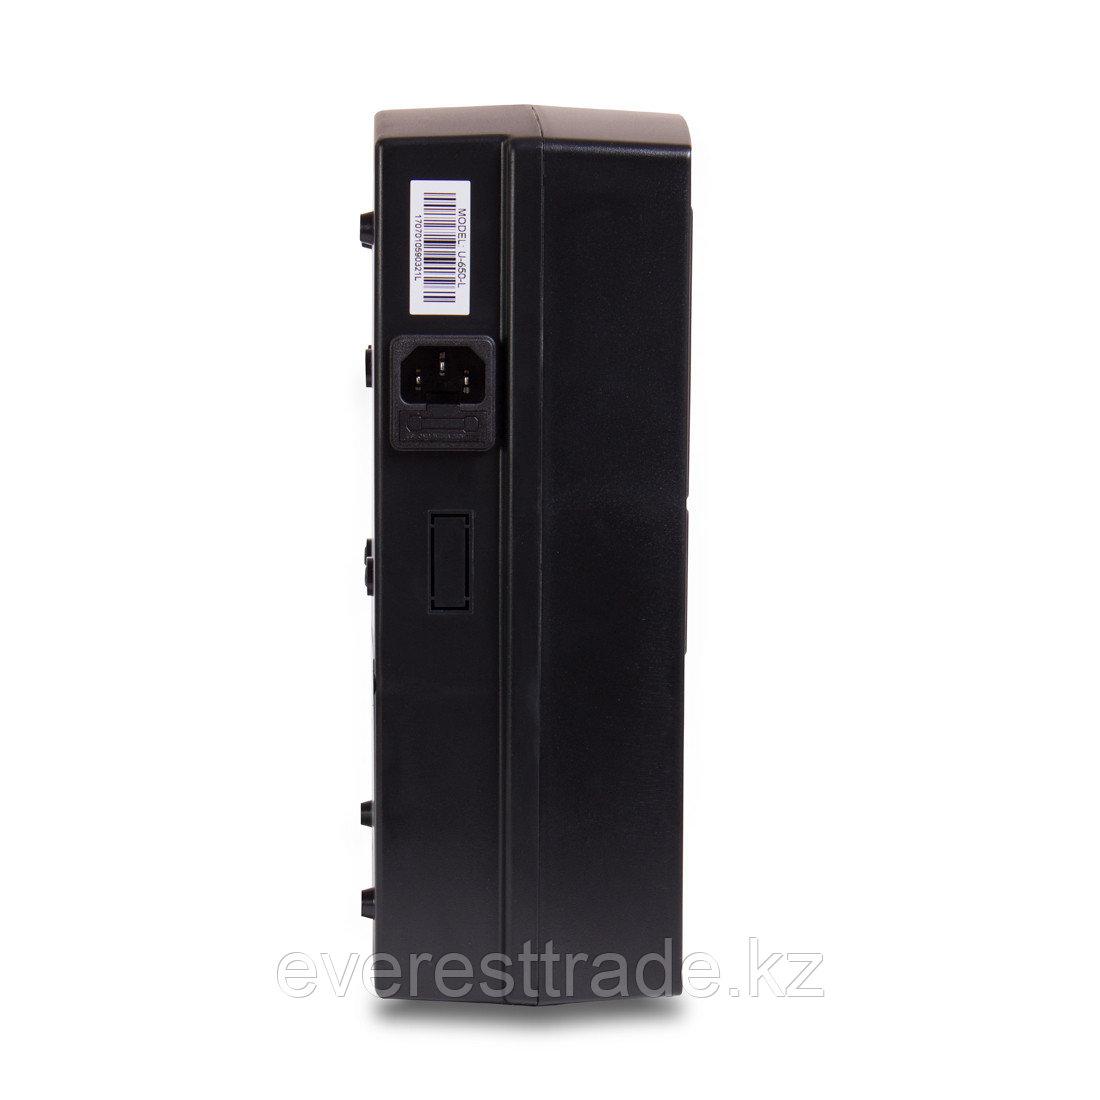 ИБП с функцией сетевого фильтра SVC U-650-L